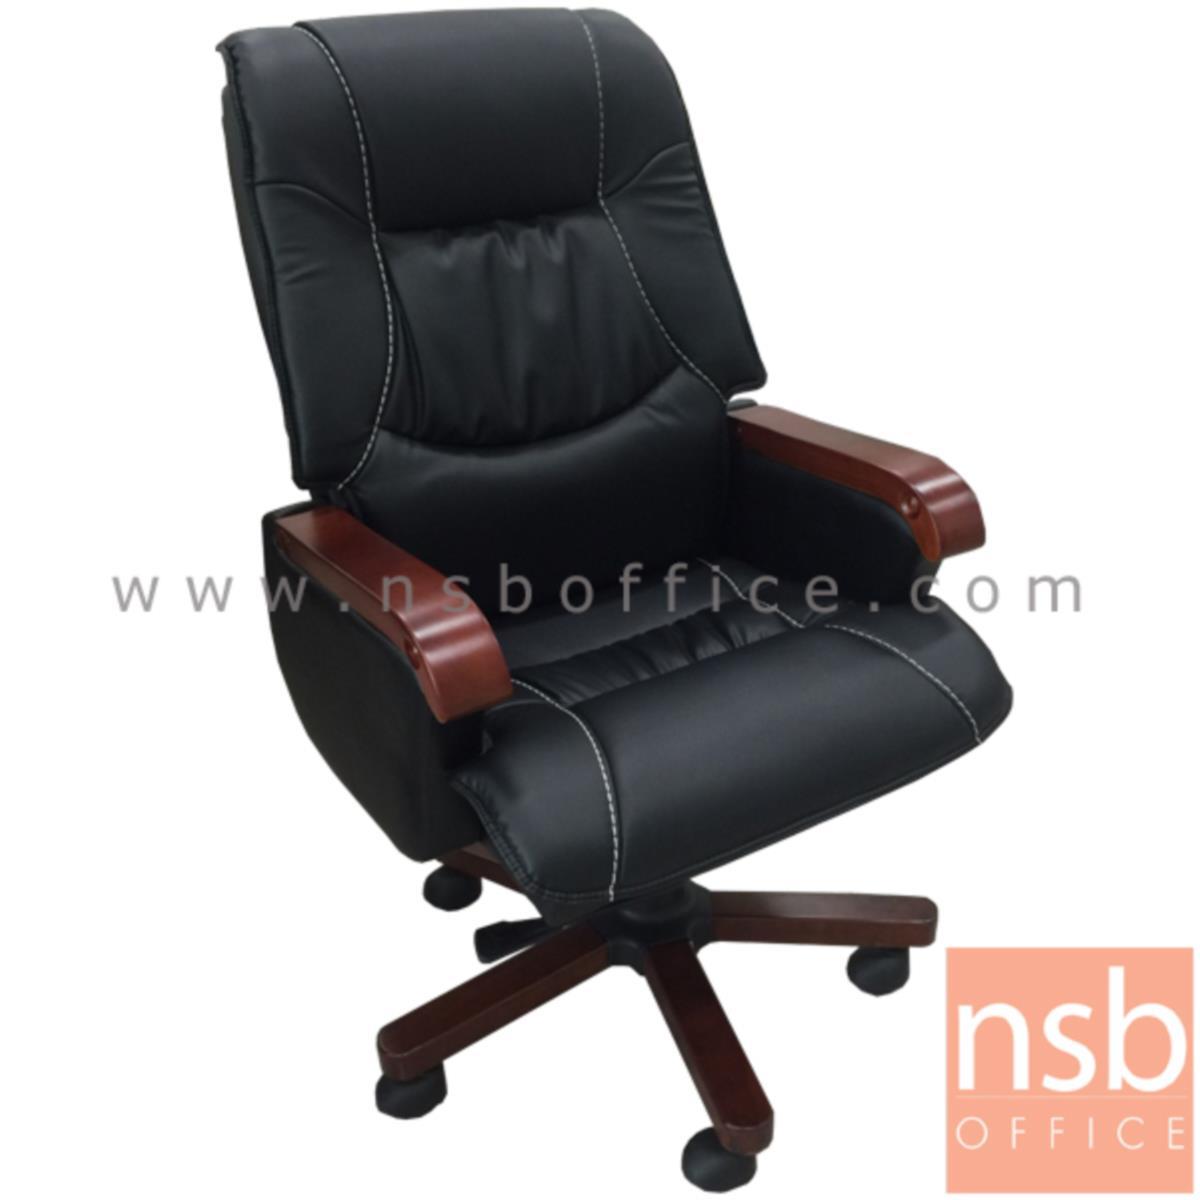 B23A083:เก้าอี้ผู้บริหารหนัง PU รุ่น Guardi (กวาร์ดี)   โช๊คแก๊ส ขาไม้